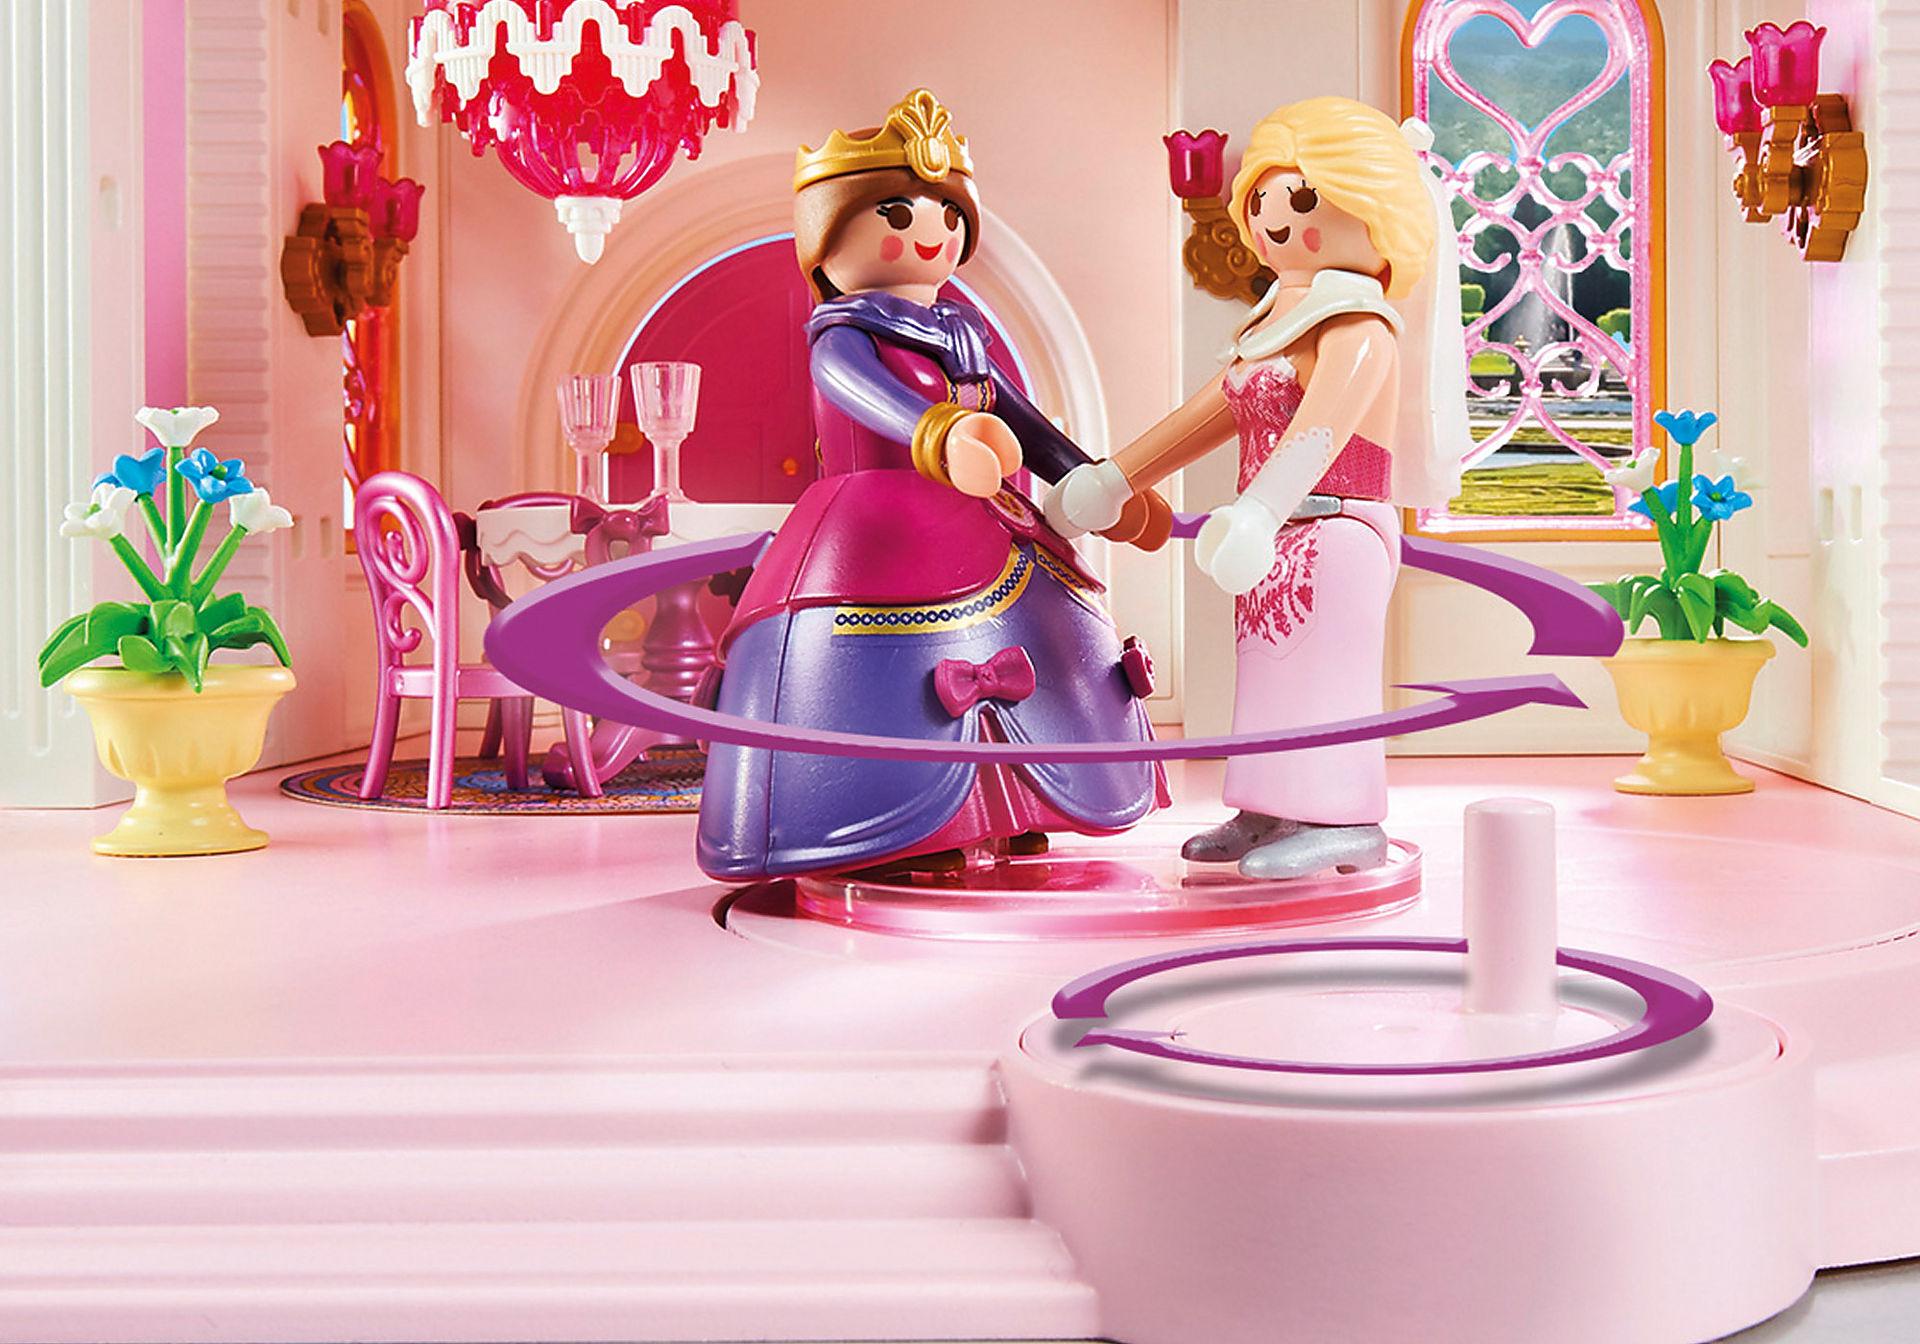 70447 Duży zamek księżniczki zoom image8